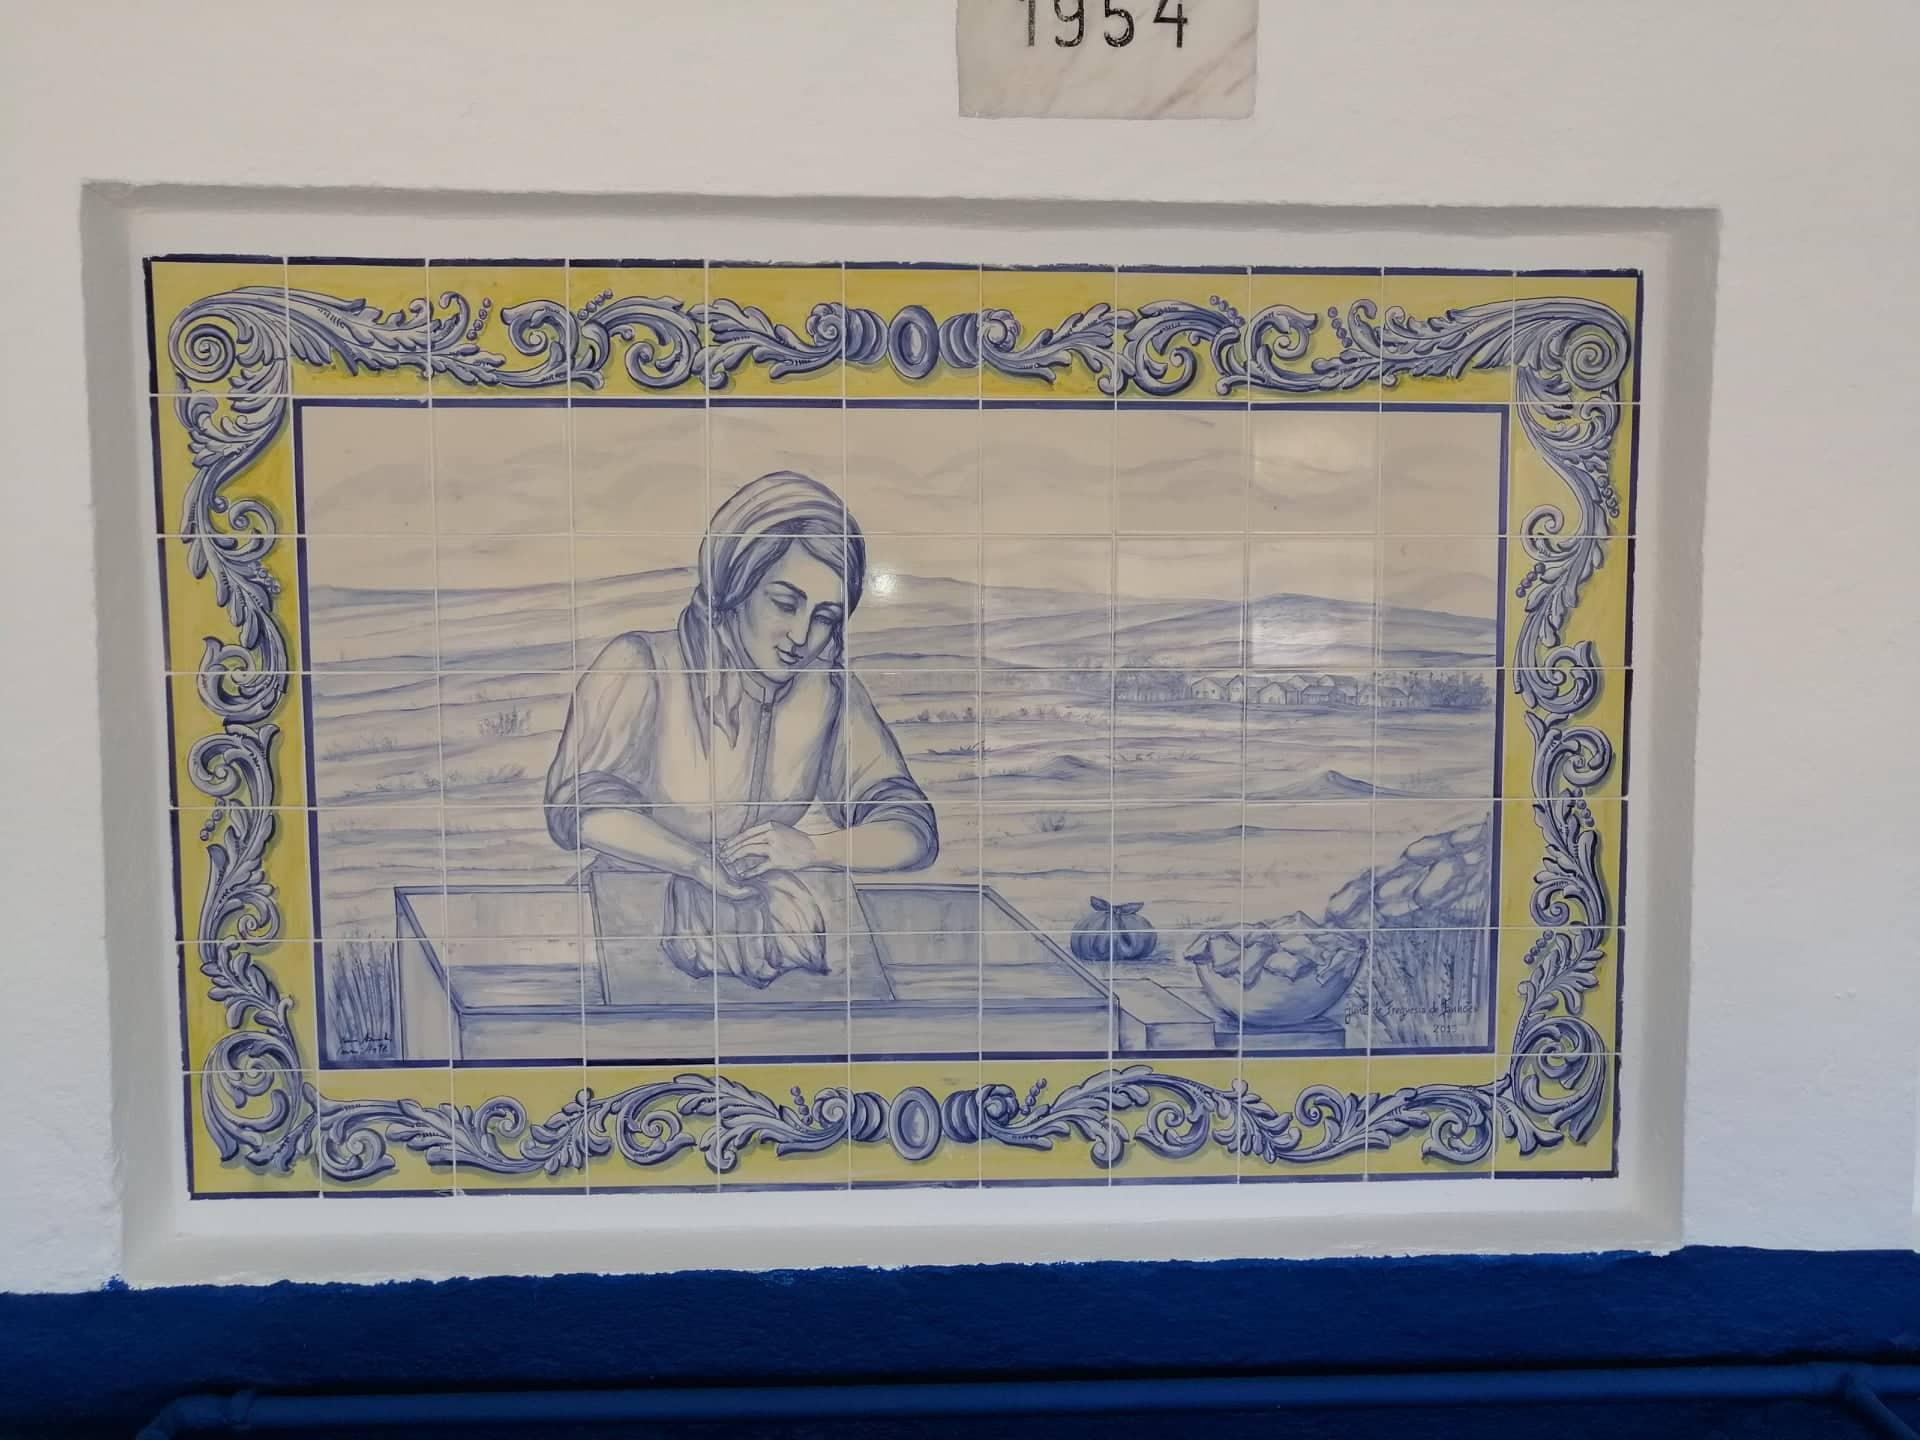 RIBAS DE CIMA – Requalificação dos Lavadouros com a colocação de painéis de Azulejos de Pintura Manual com Motivos Etnográficos enaltecendo as Lavadeiras e as origens da localidade!